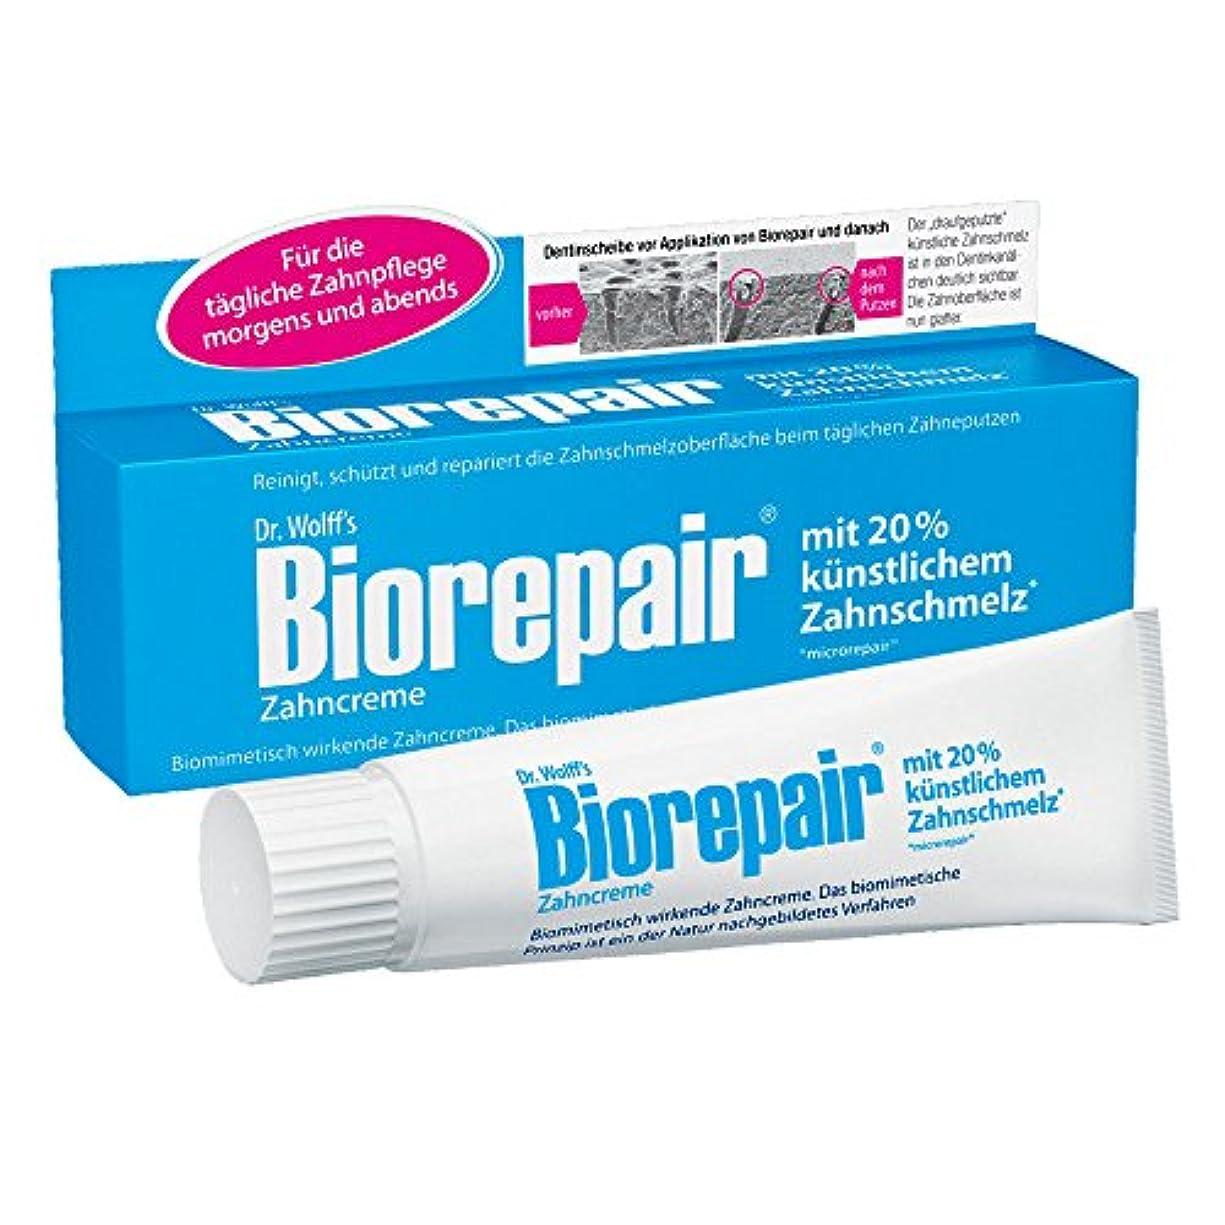 錫大学院露骨なBiorepair 歯磨き粉オリジナル、75ml(1pack) 歯の保護 耐摩耗性 1pack [並行輸入品]